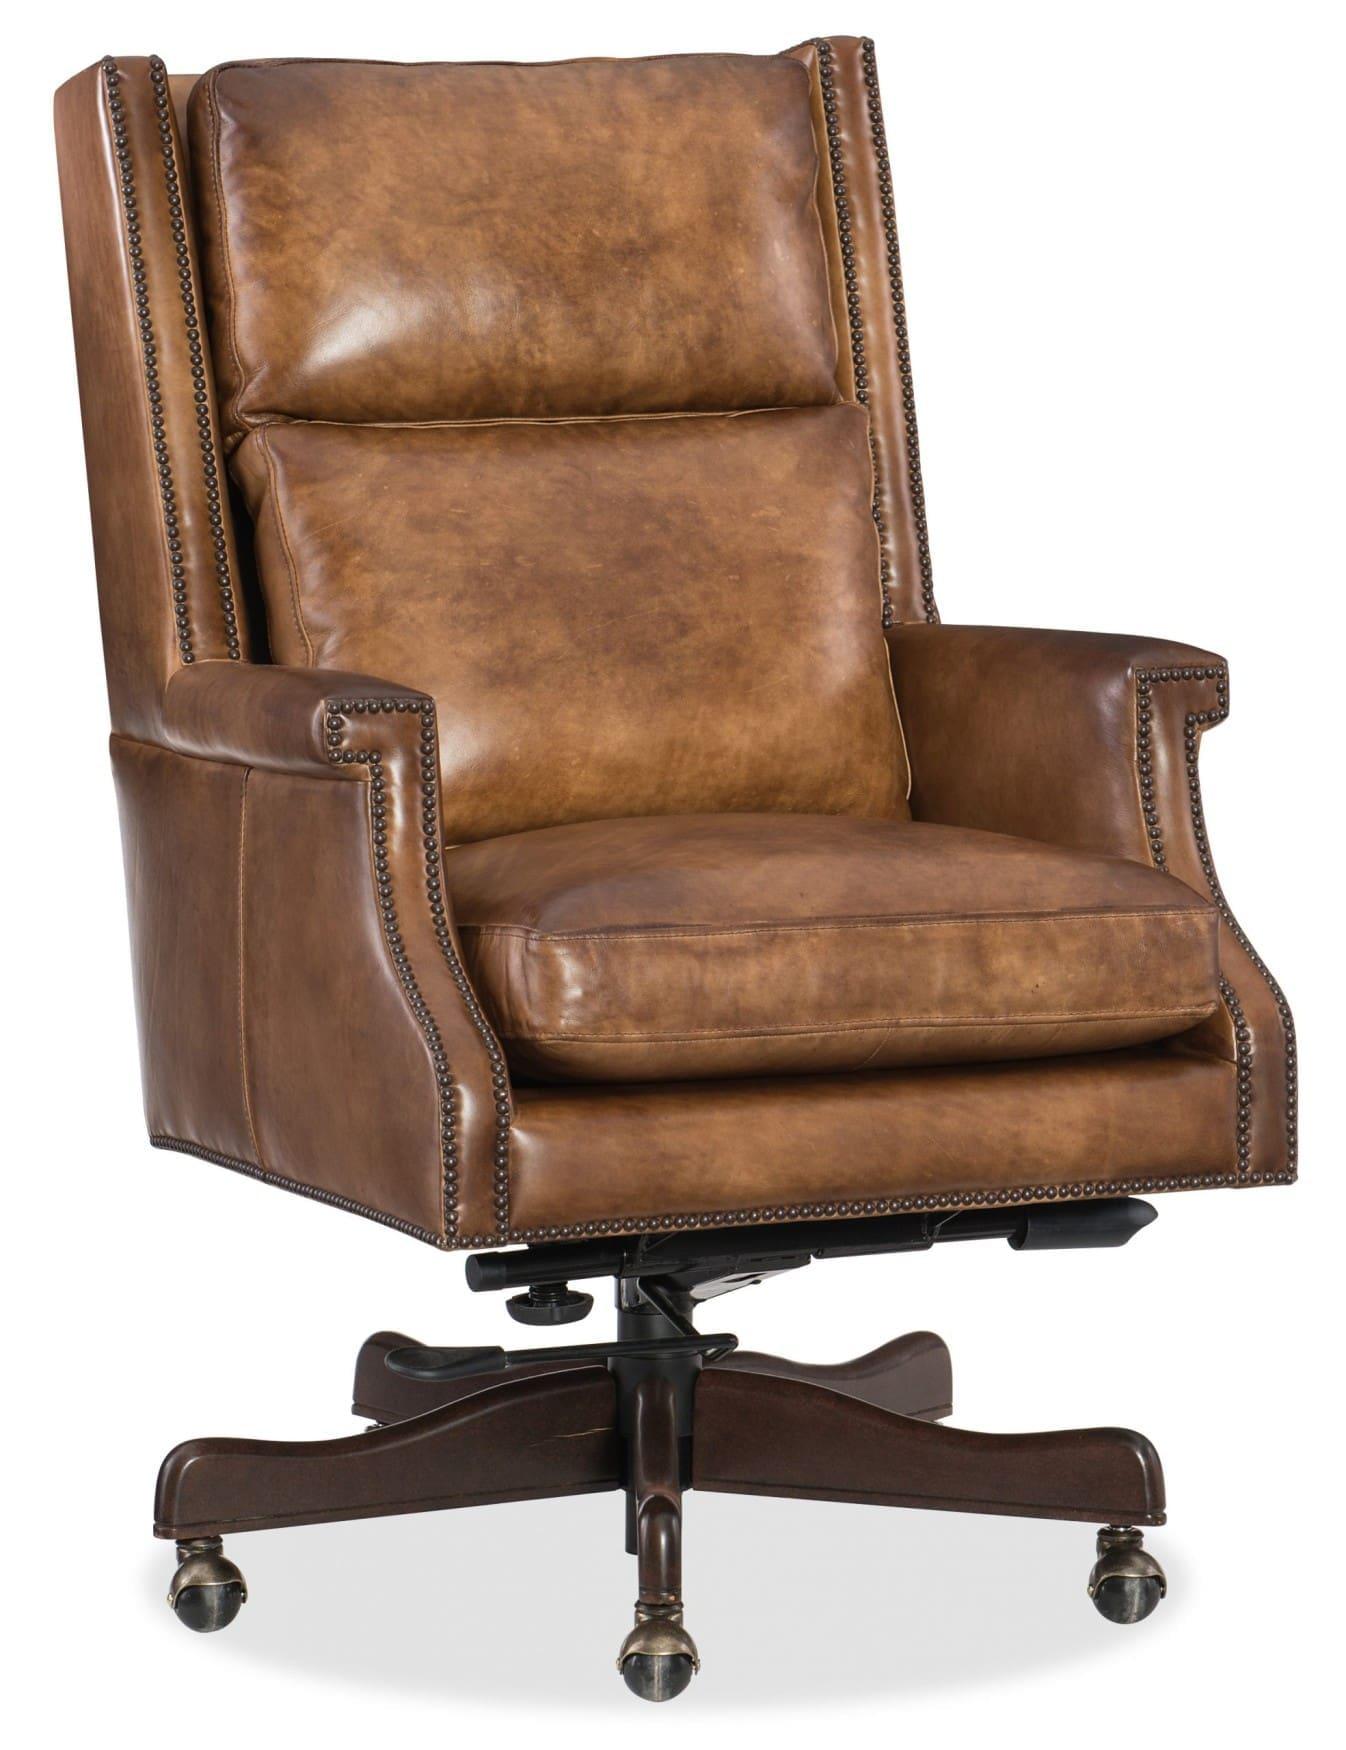 Beckett Executive Swivel Tilt Chair